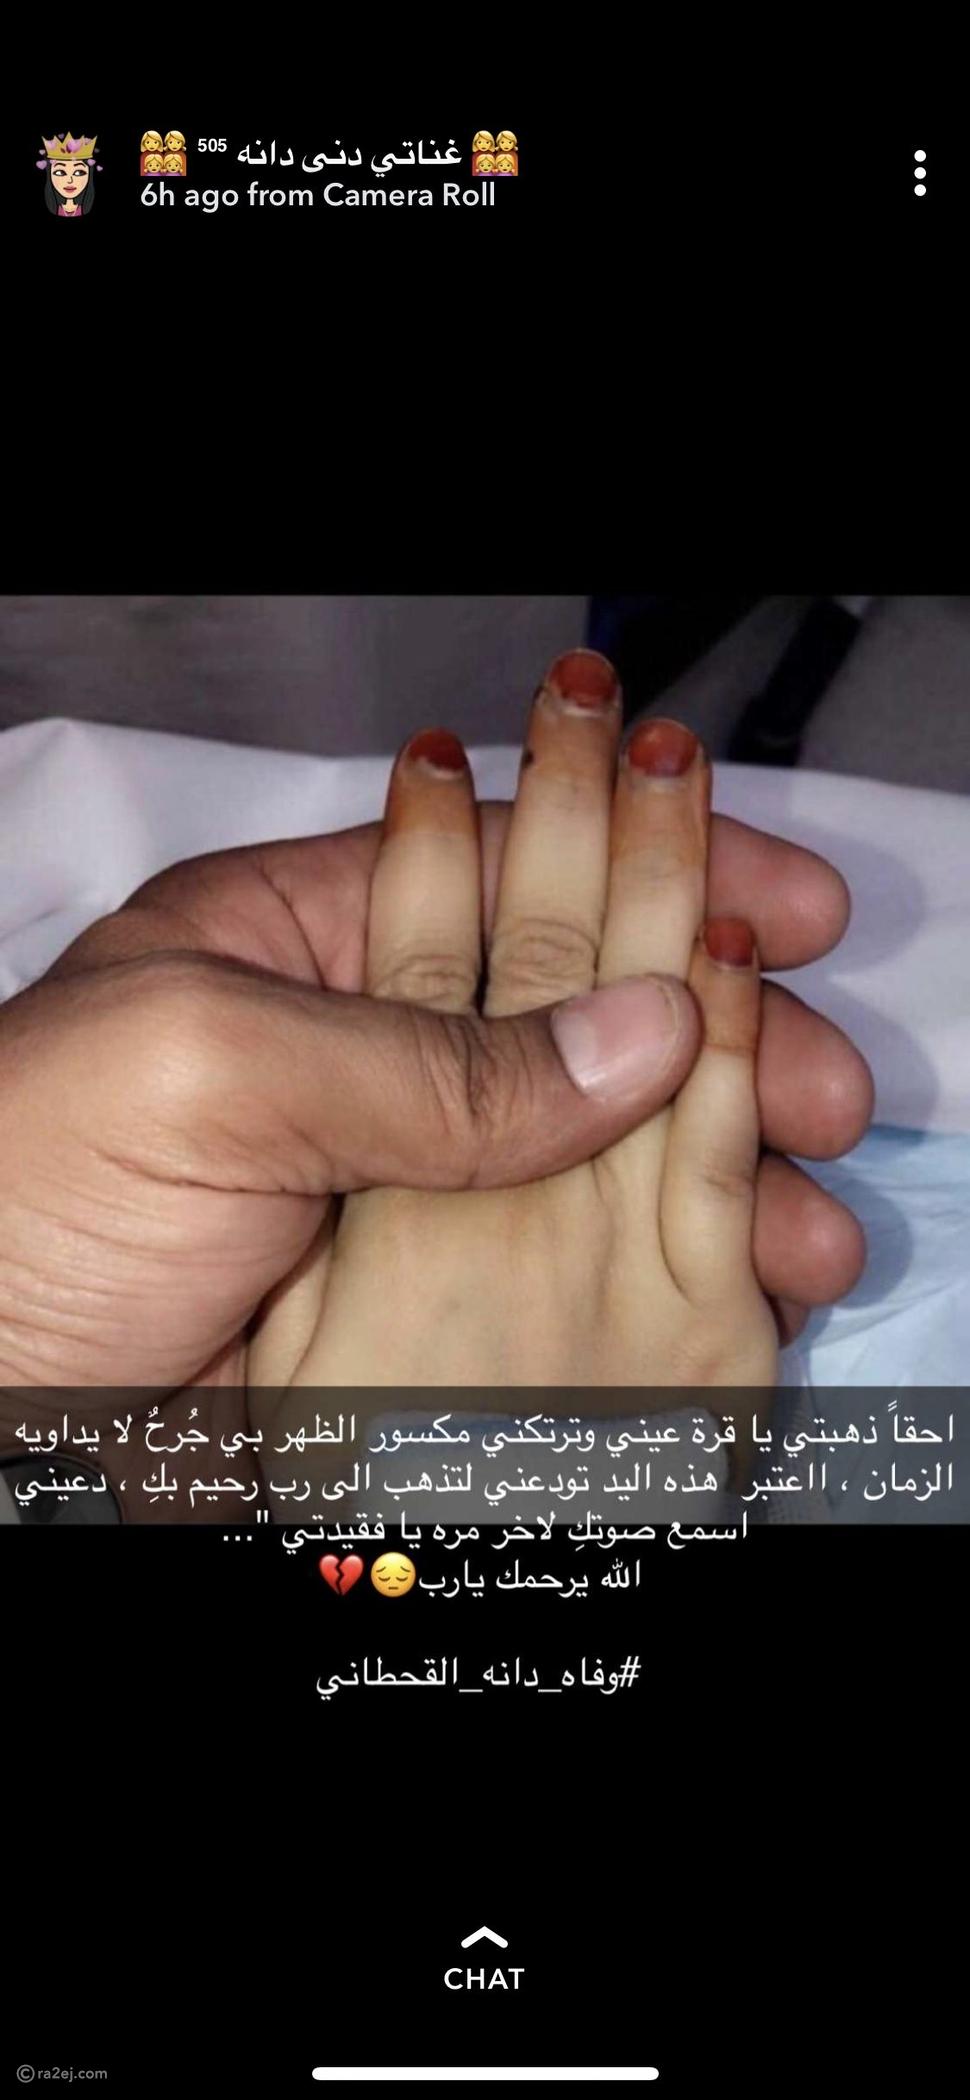 شاهد لقطات مؤثرة من جنازة دانة القحطاني.. رسالة والدها تكسر القلوب